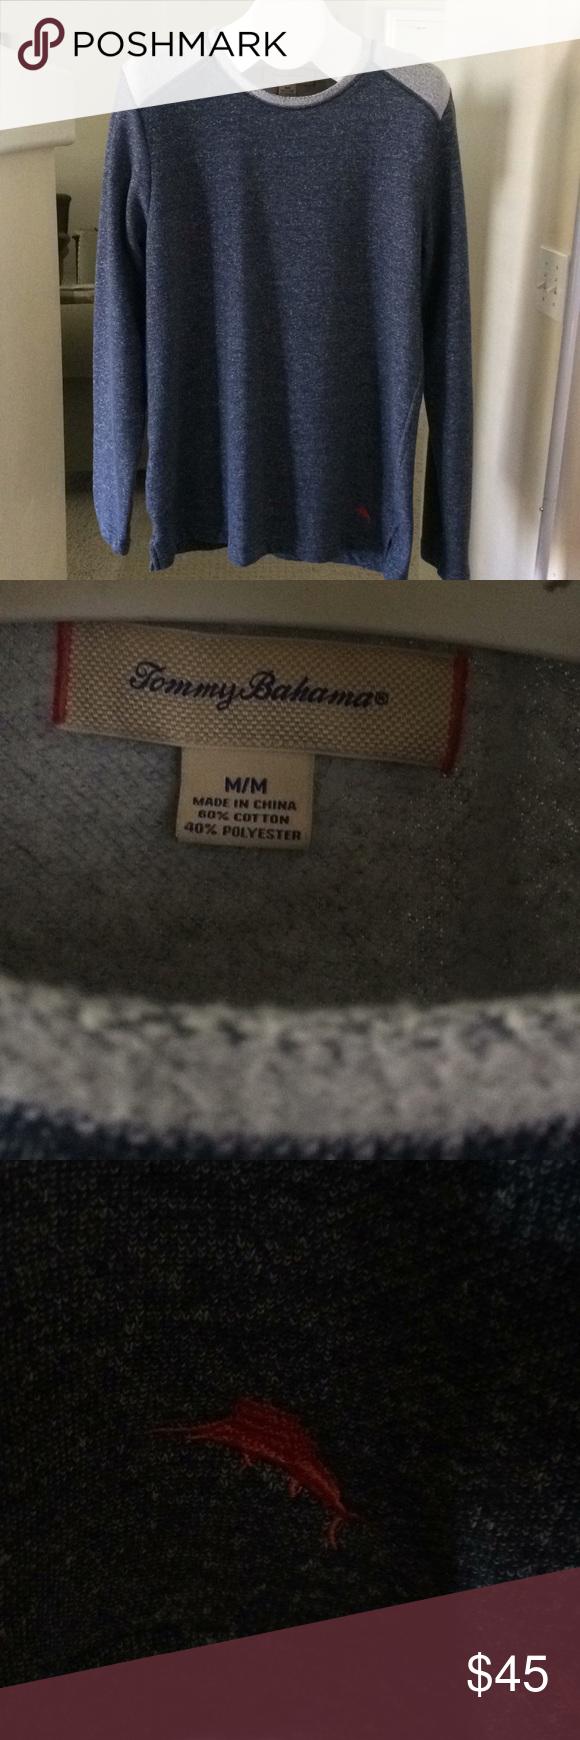 Spotted While Shopping On Poshmark Tommy Bahama Men S Sweatshirt Size Medium Poshmark Fashion Shopping Style Clothes Design Fashion Tommy Bahama Shirts [ 1740 x 580 Pixel ]